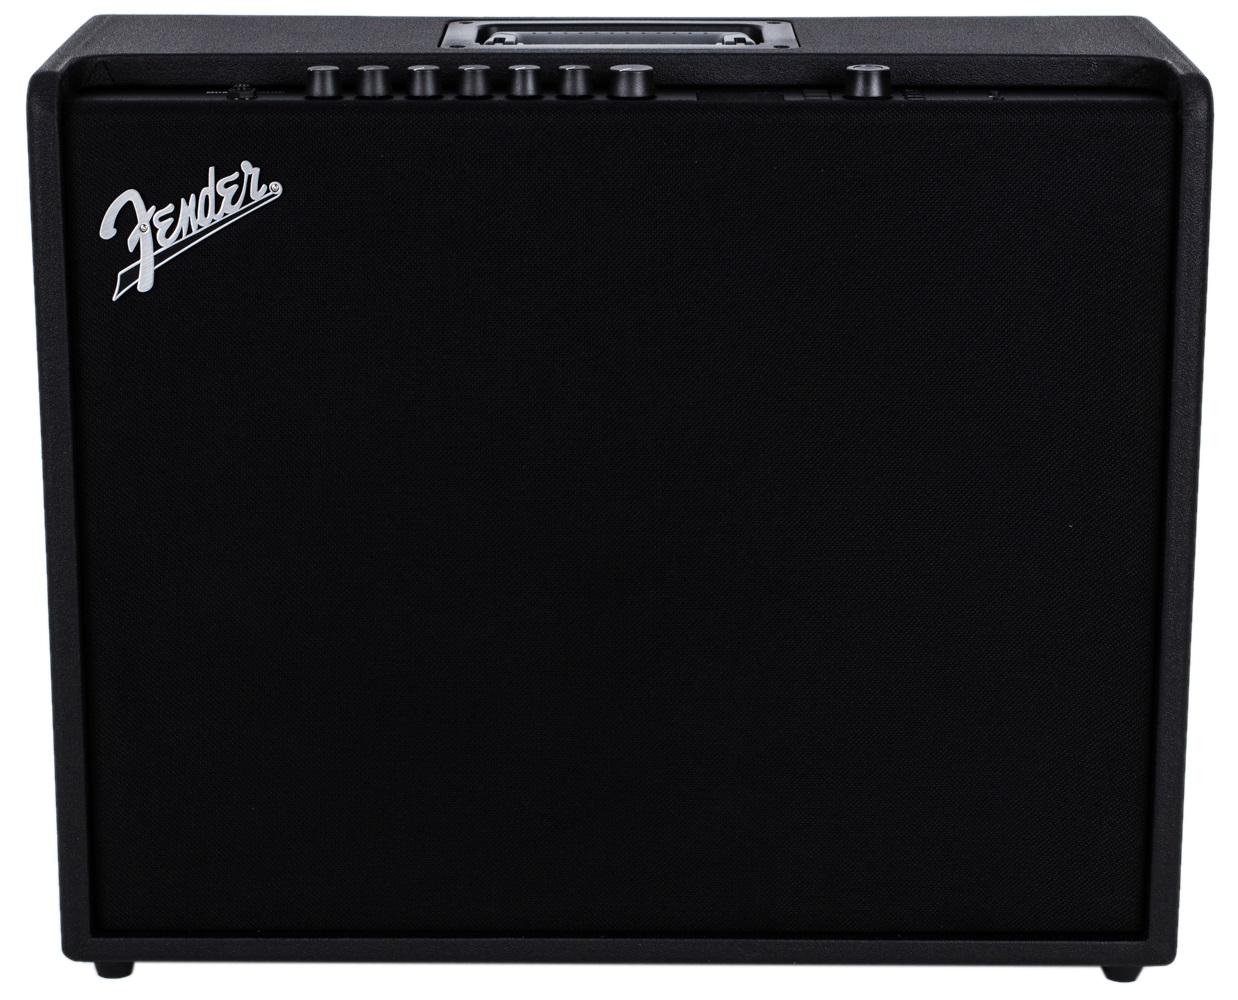 Fender Mustang GT 200